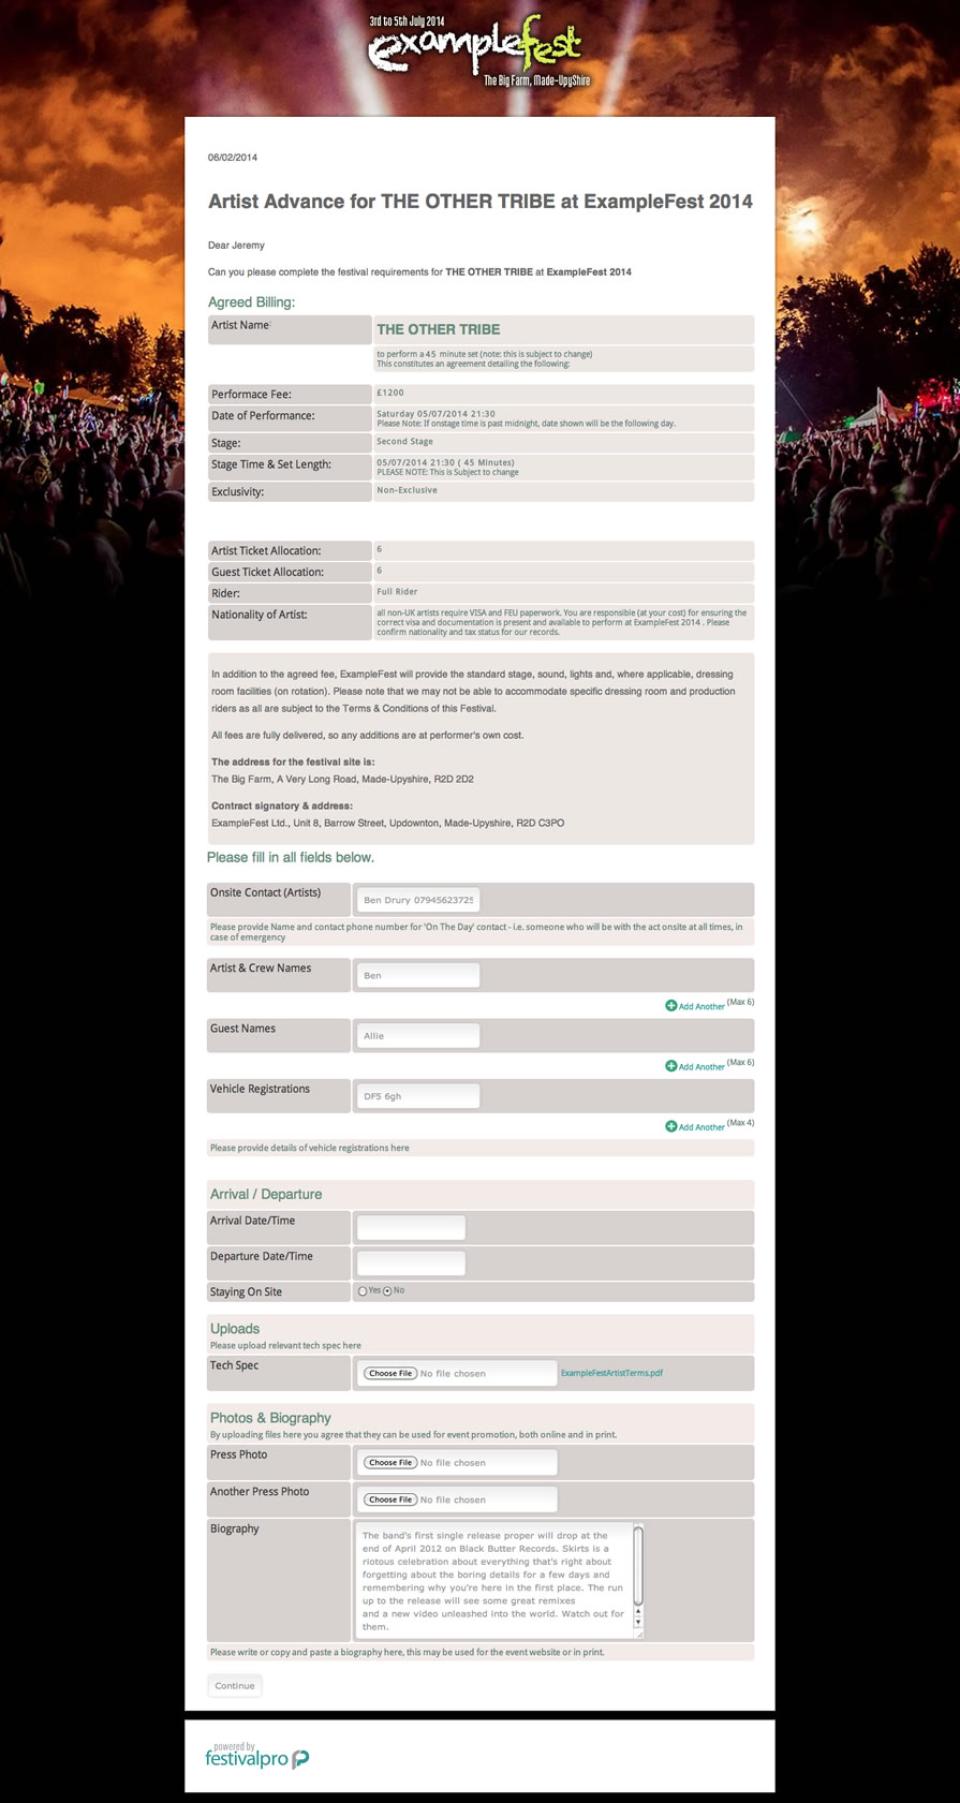 FestivalPro-screenshot-2